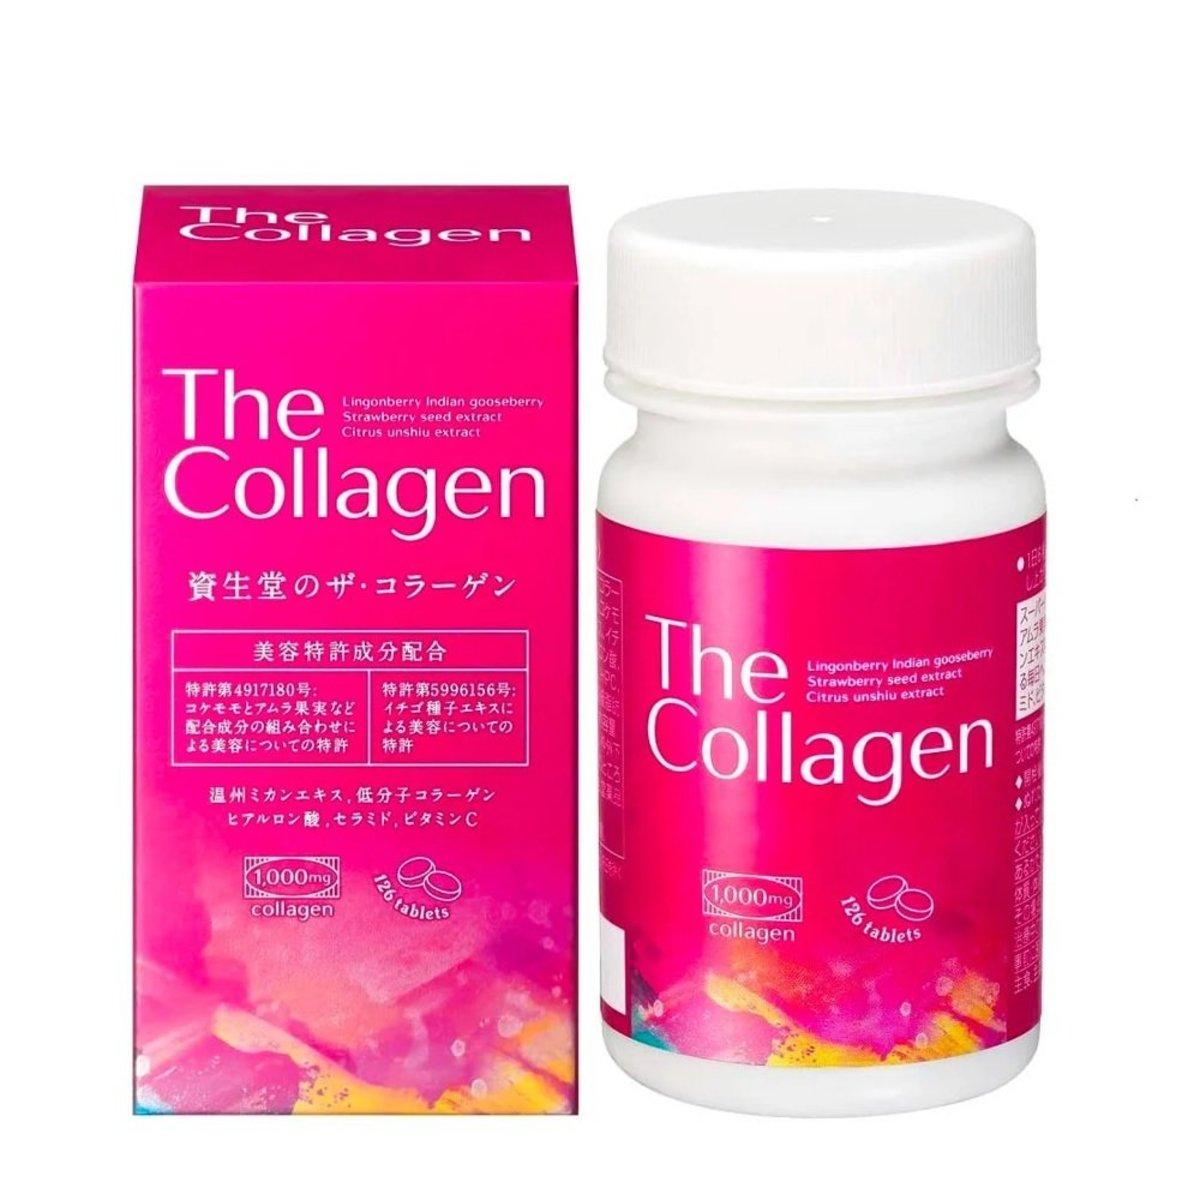 資生堂The Collagen Tablets 膠原蛋白丸 126粒 (2019 新版)